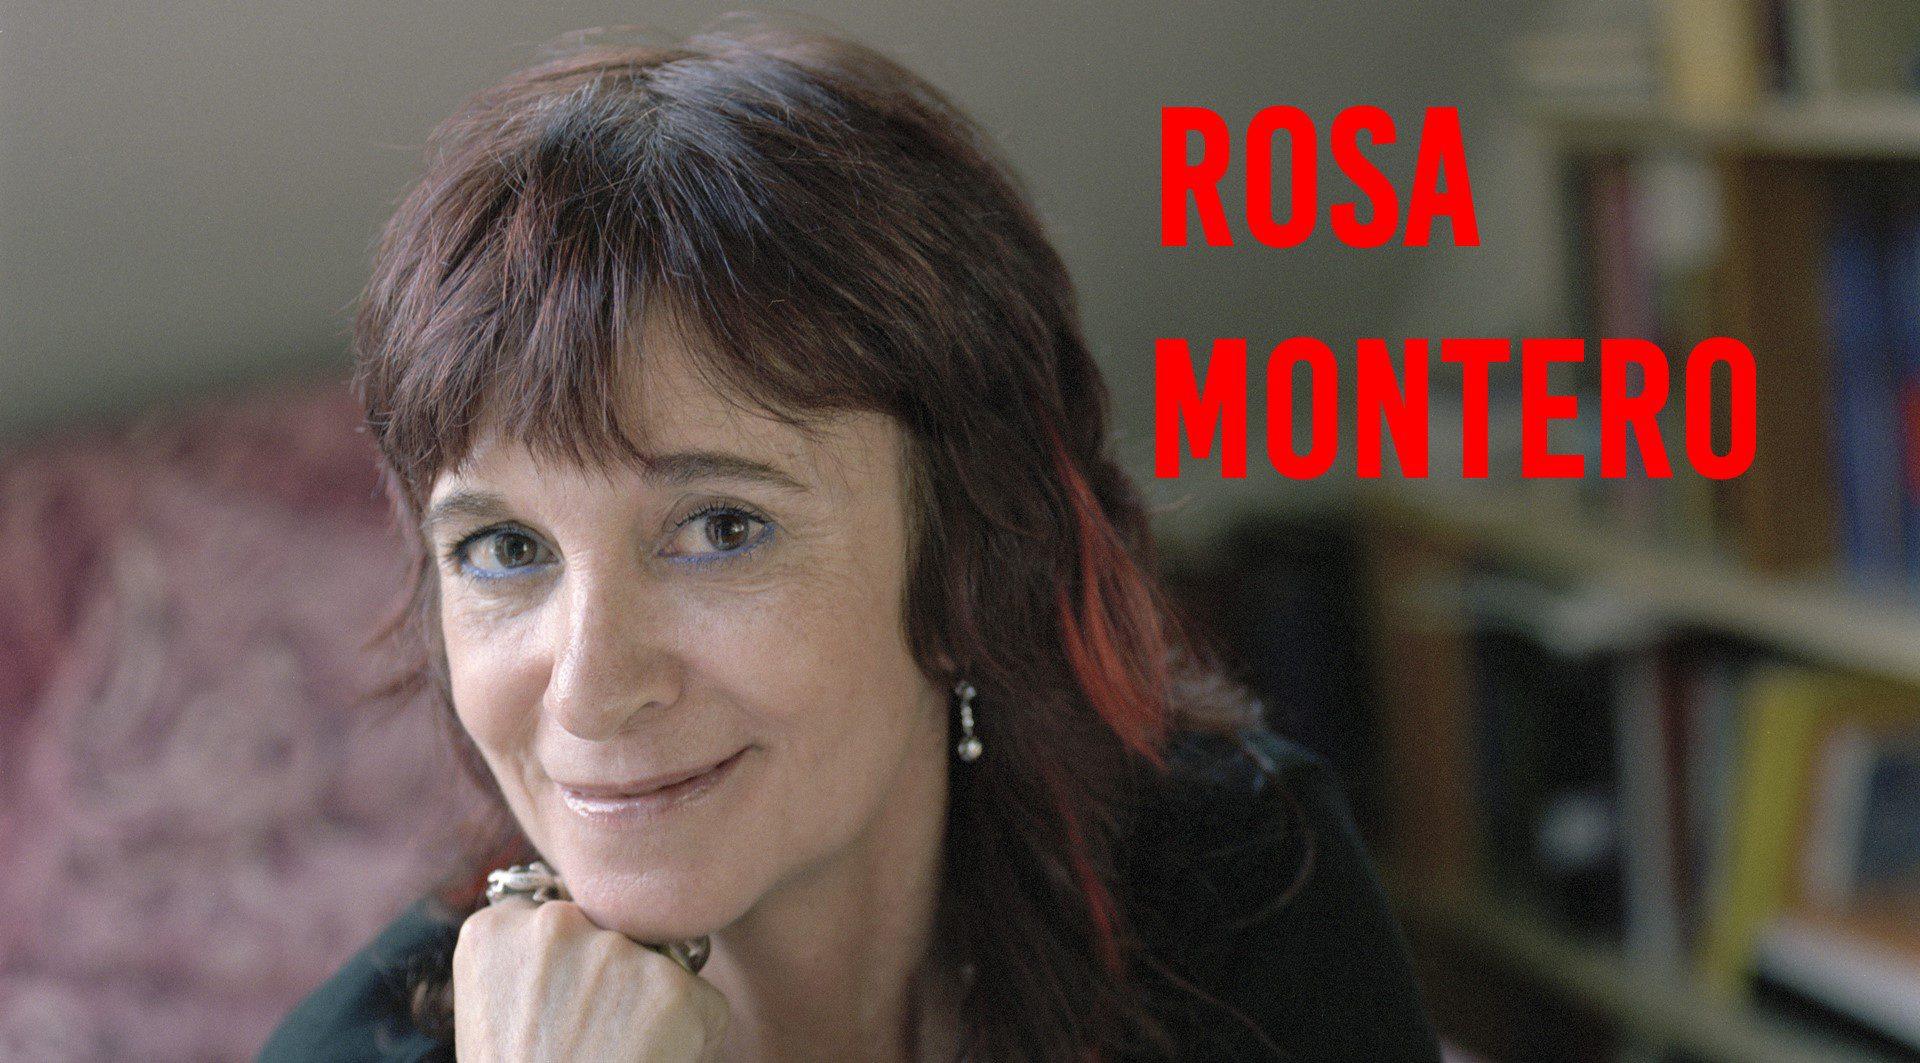 La buena suerte, último libro de Rosa Montero.